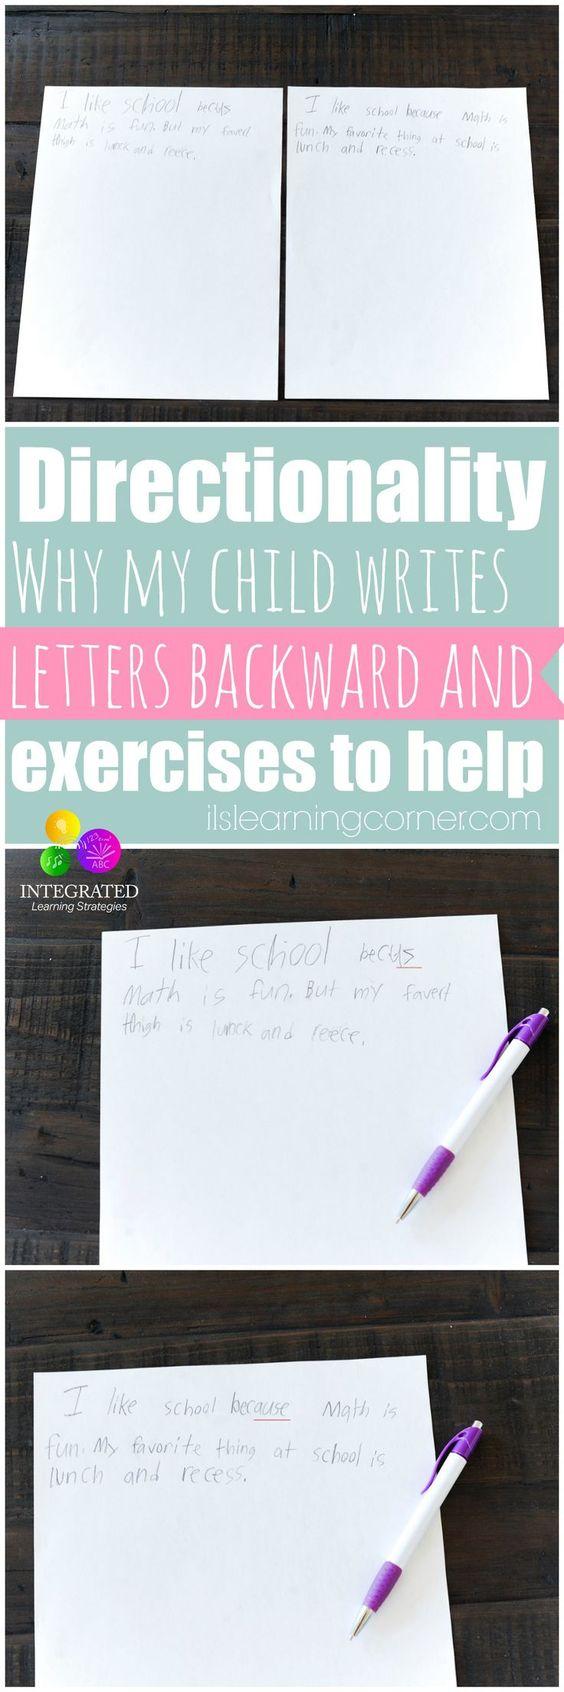 为什么方向性和写字母落后可能意味着空间和视觉问题,当教你的孩子更好的手写技巧。